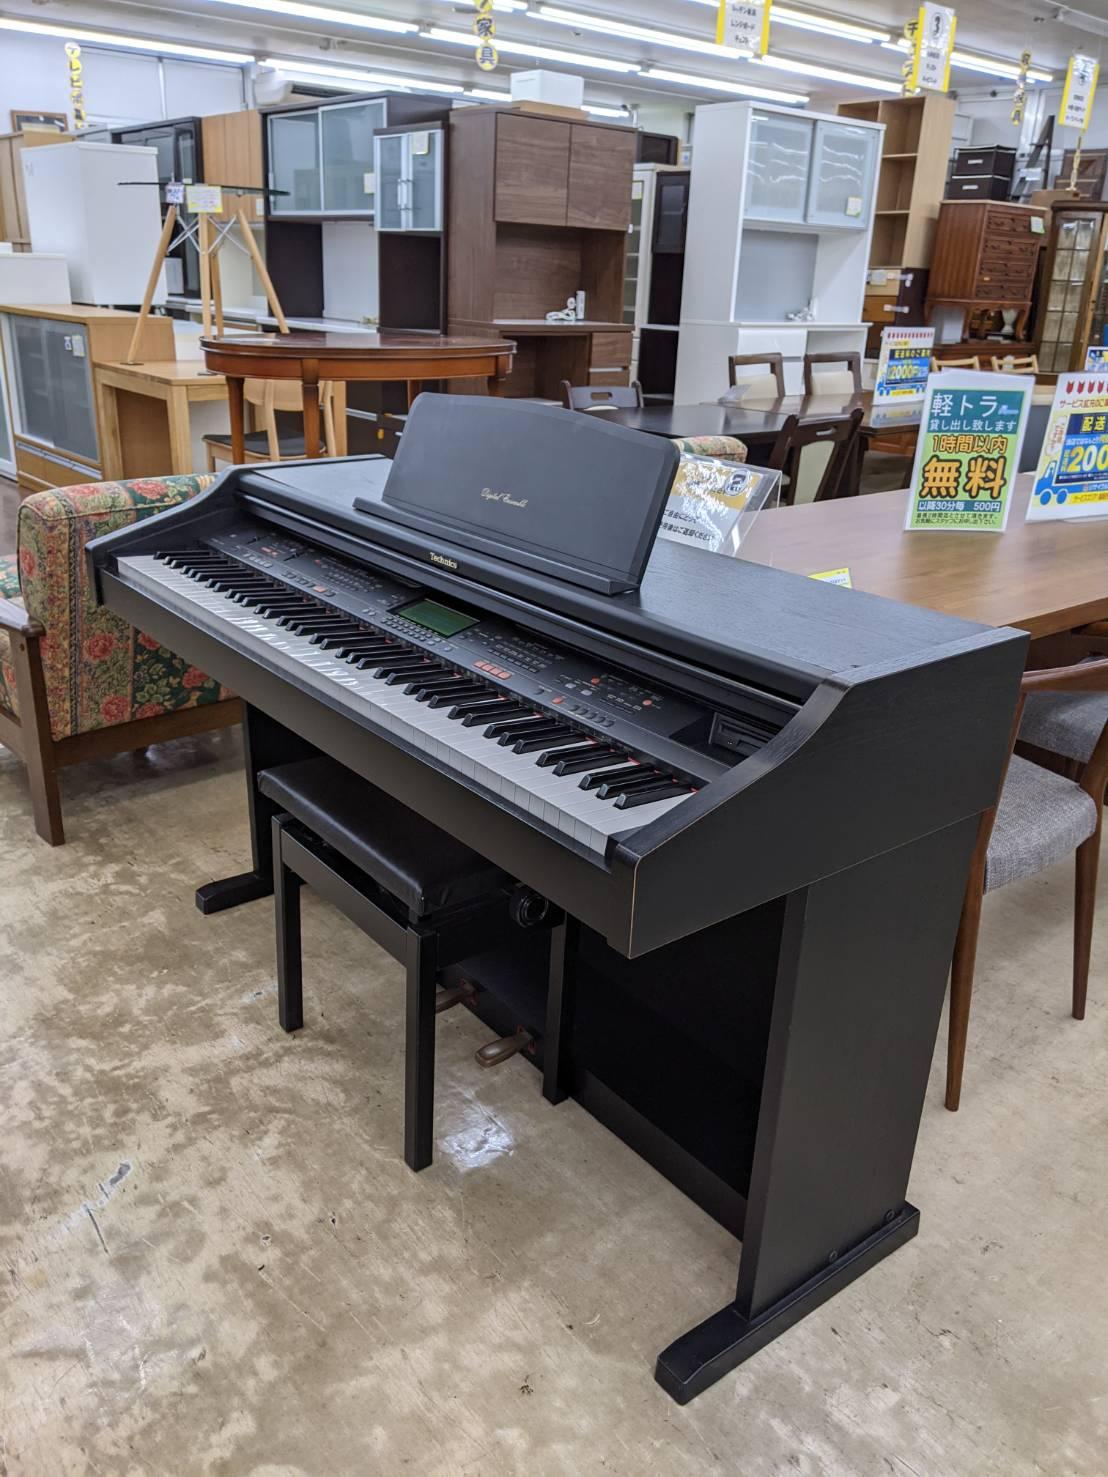 【Techics ☆テクニクス☆ デジタルアンサンブルピアノ SX-PR52 電子ピアノ】お買い取り致しました!!の買取-